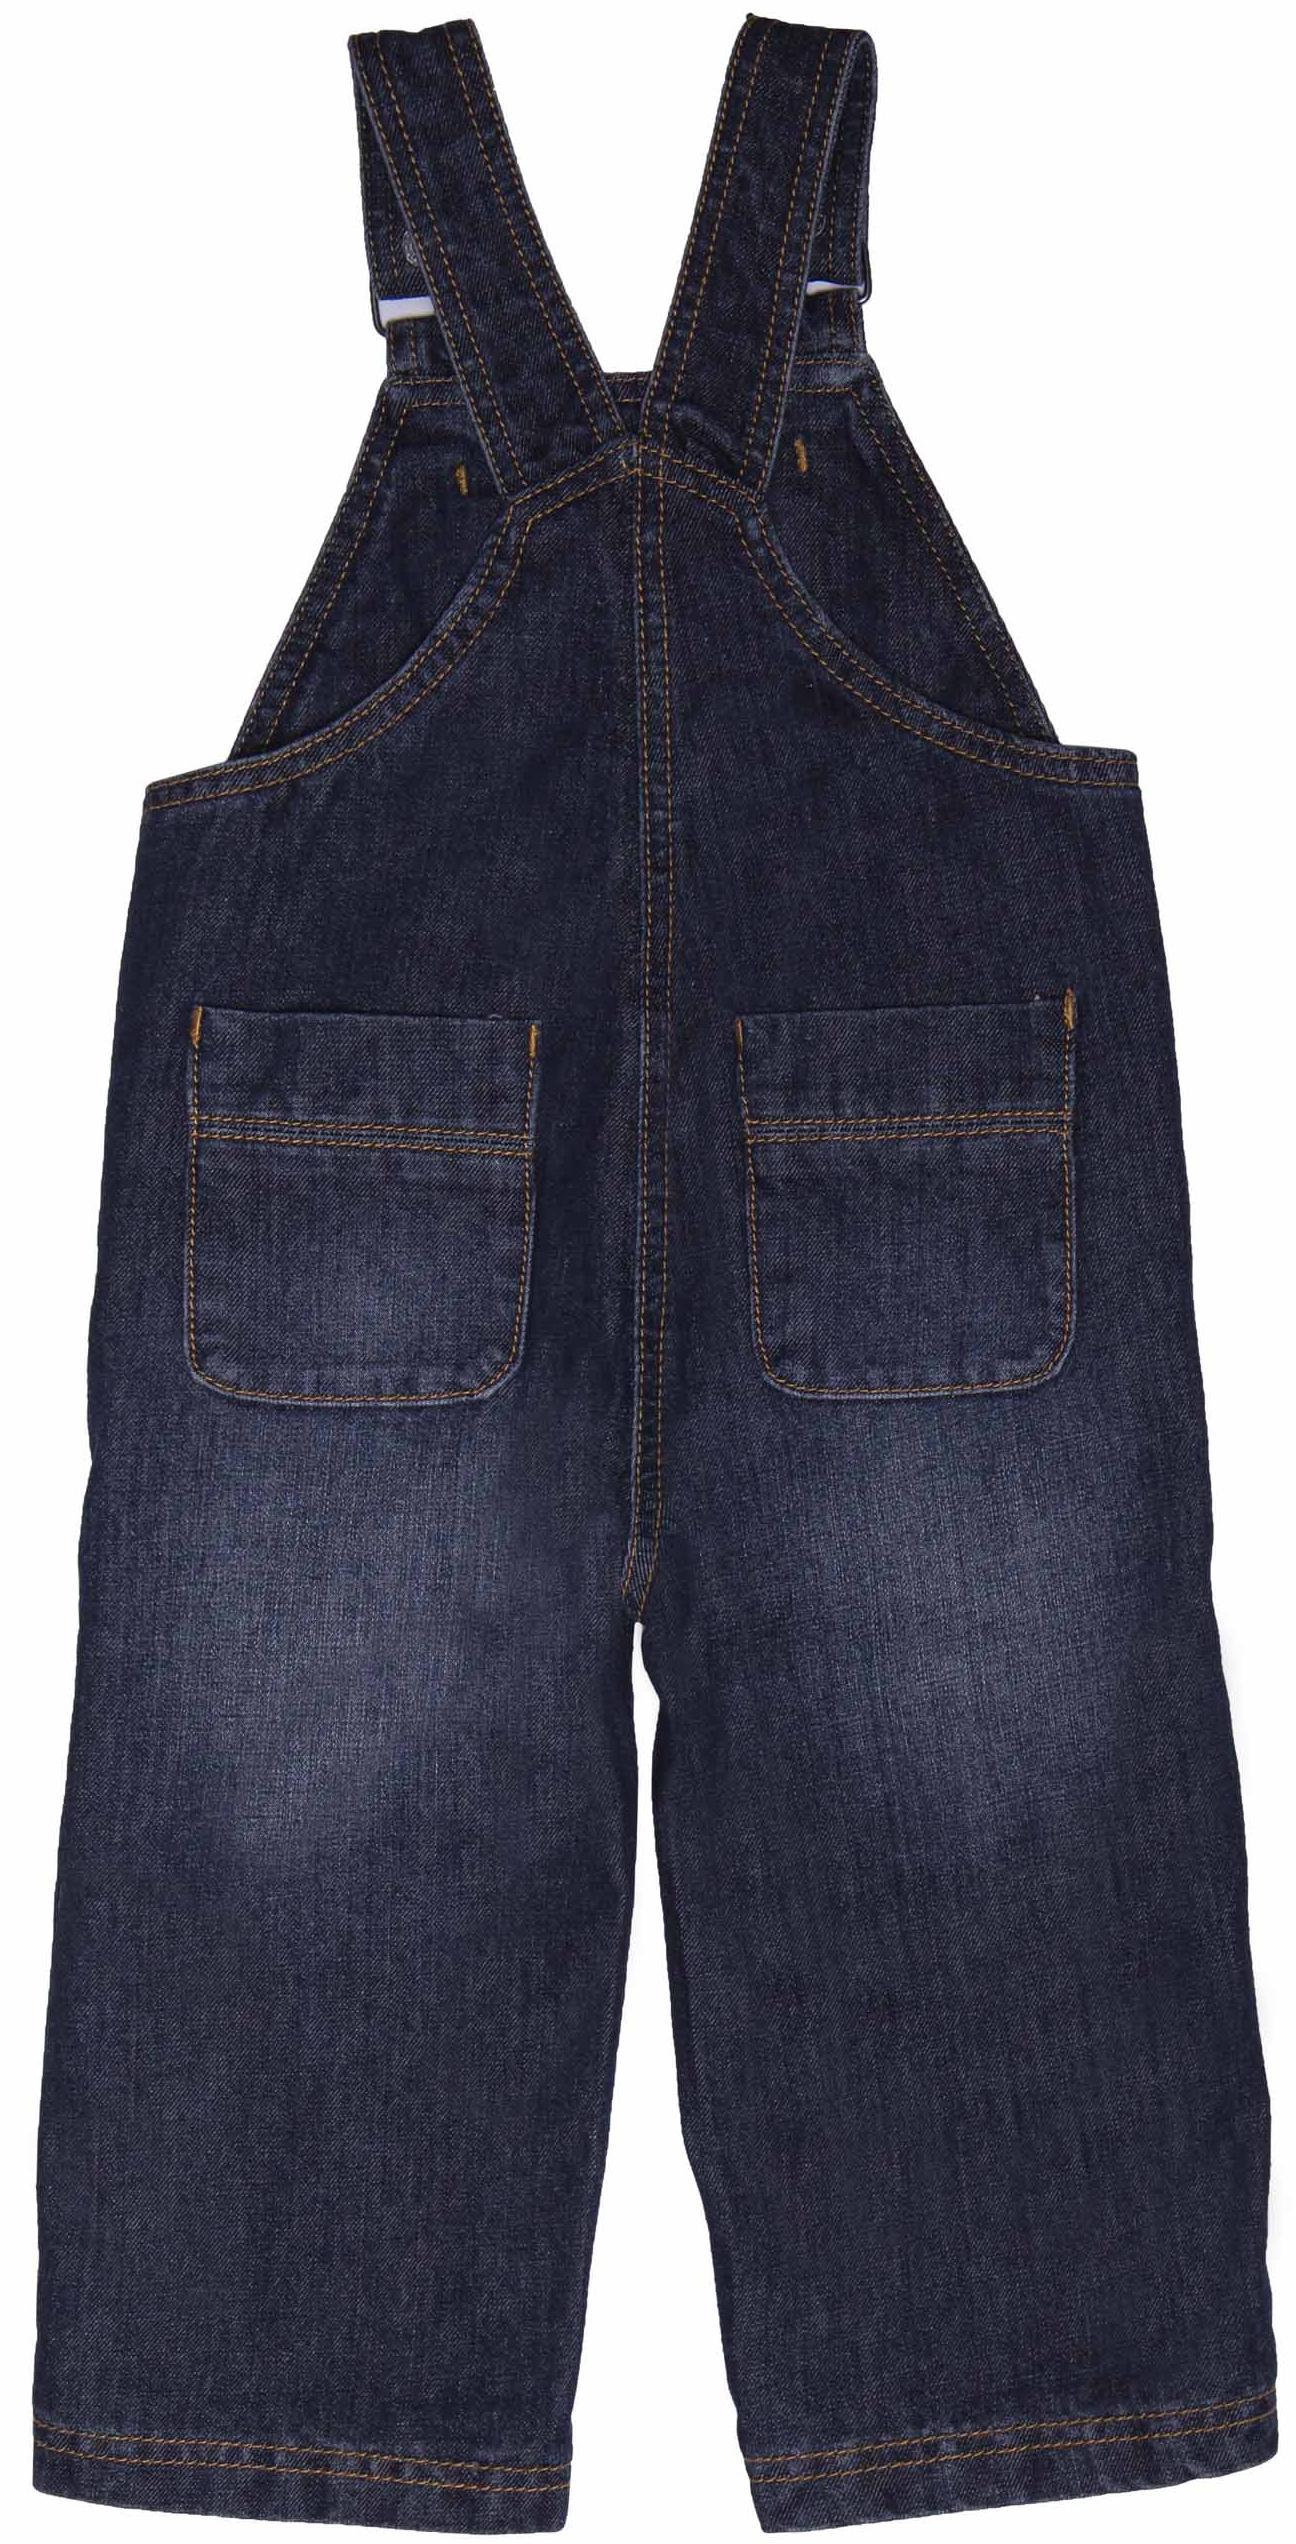 Джинсовый полукомбинезон Barkito для мальчика полукомбинезон джинсовый для мальчика barkito деним